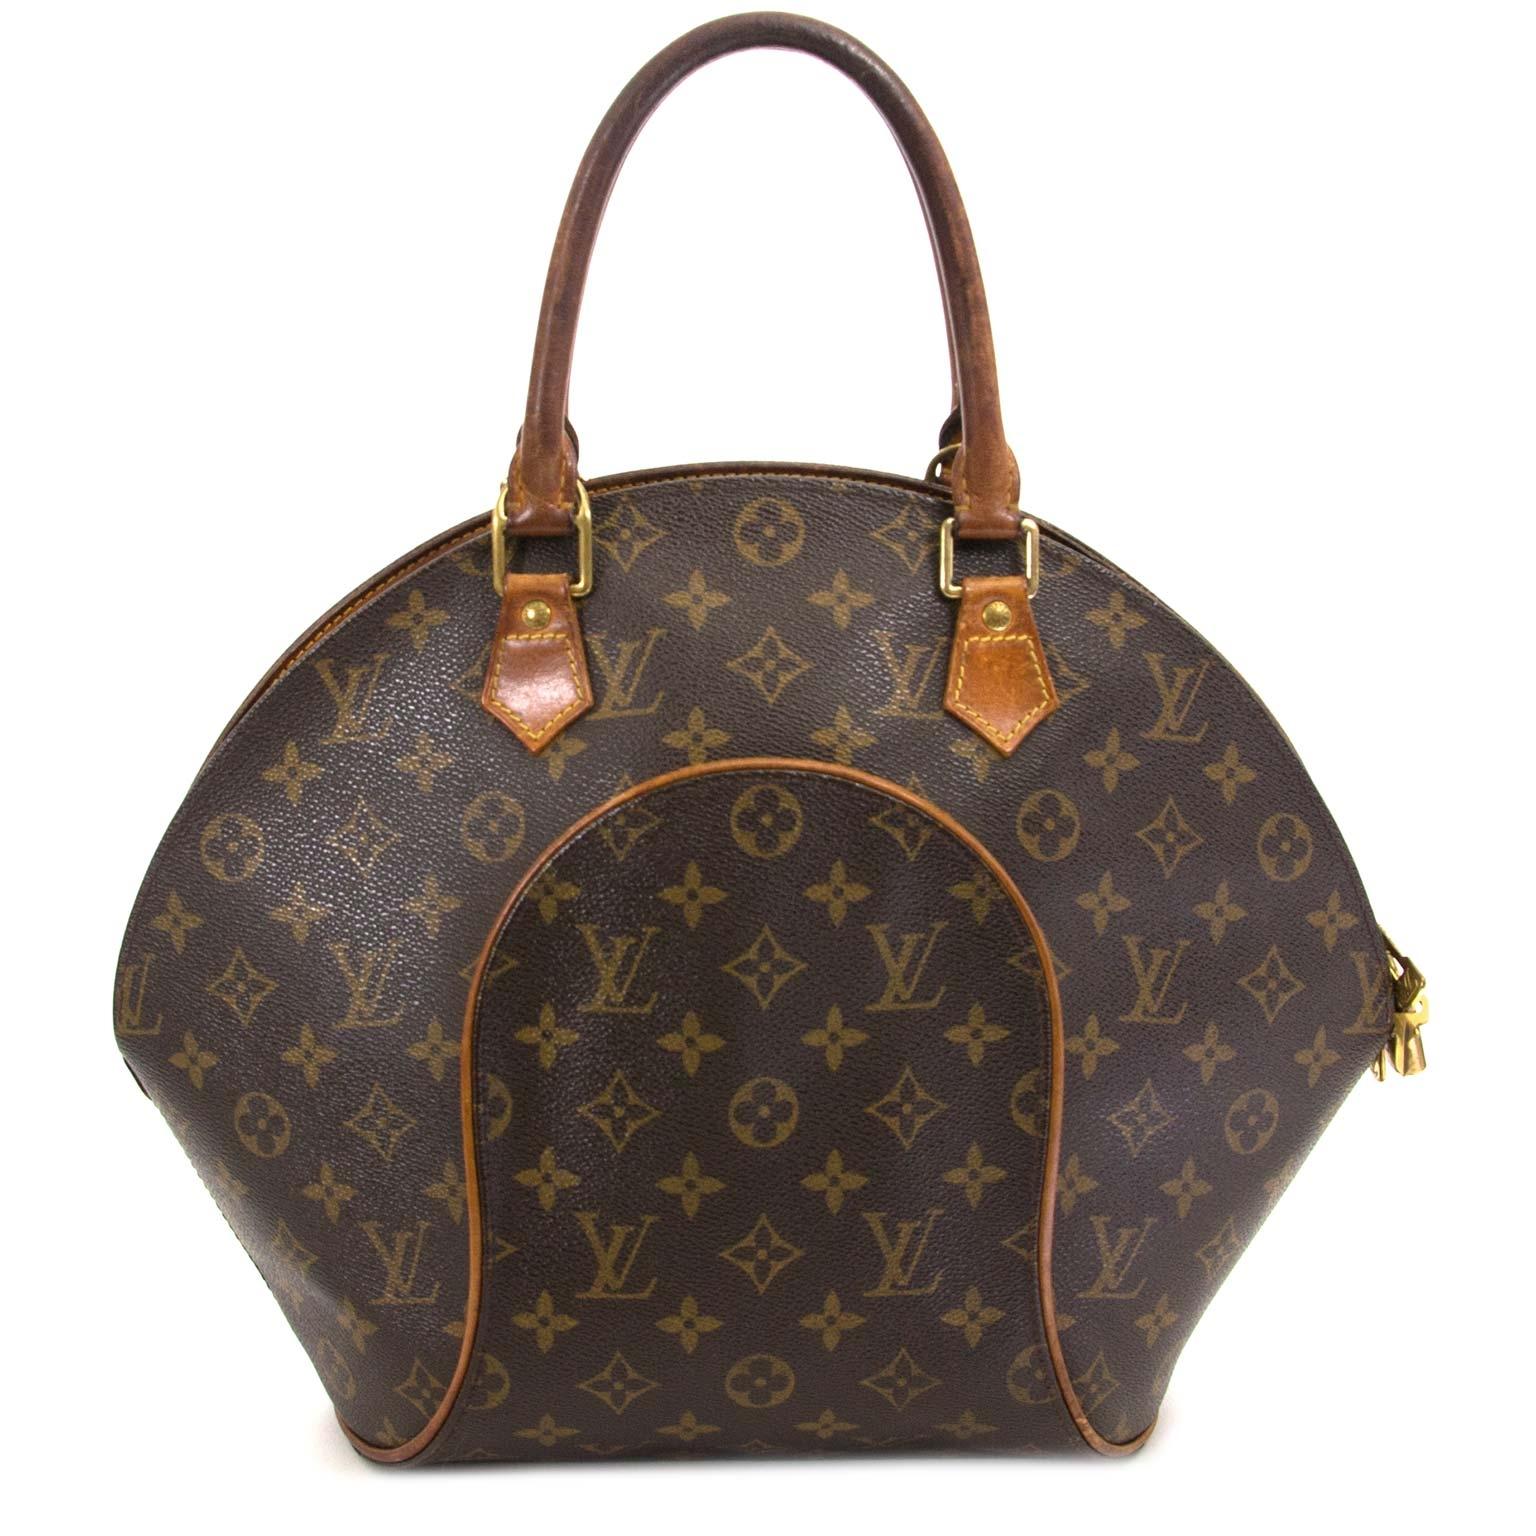 koop Louis Vuitton Monogram Ellipse GM en betaal veilig online bij labellov.com